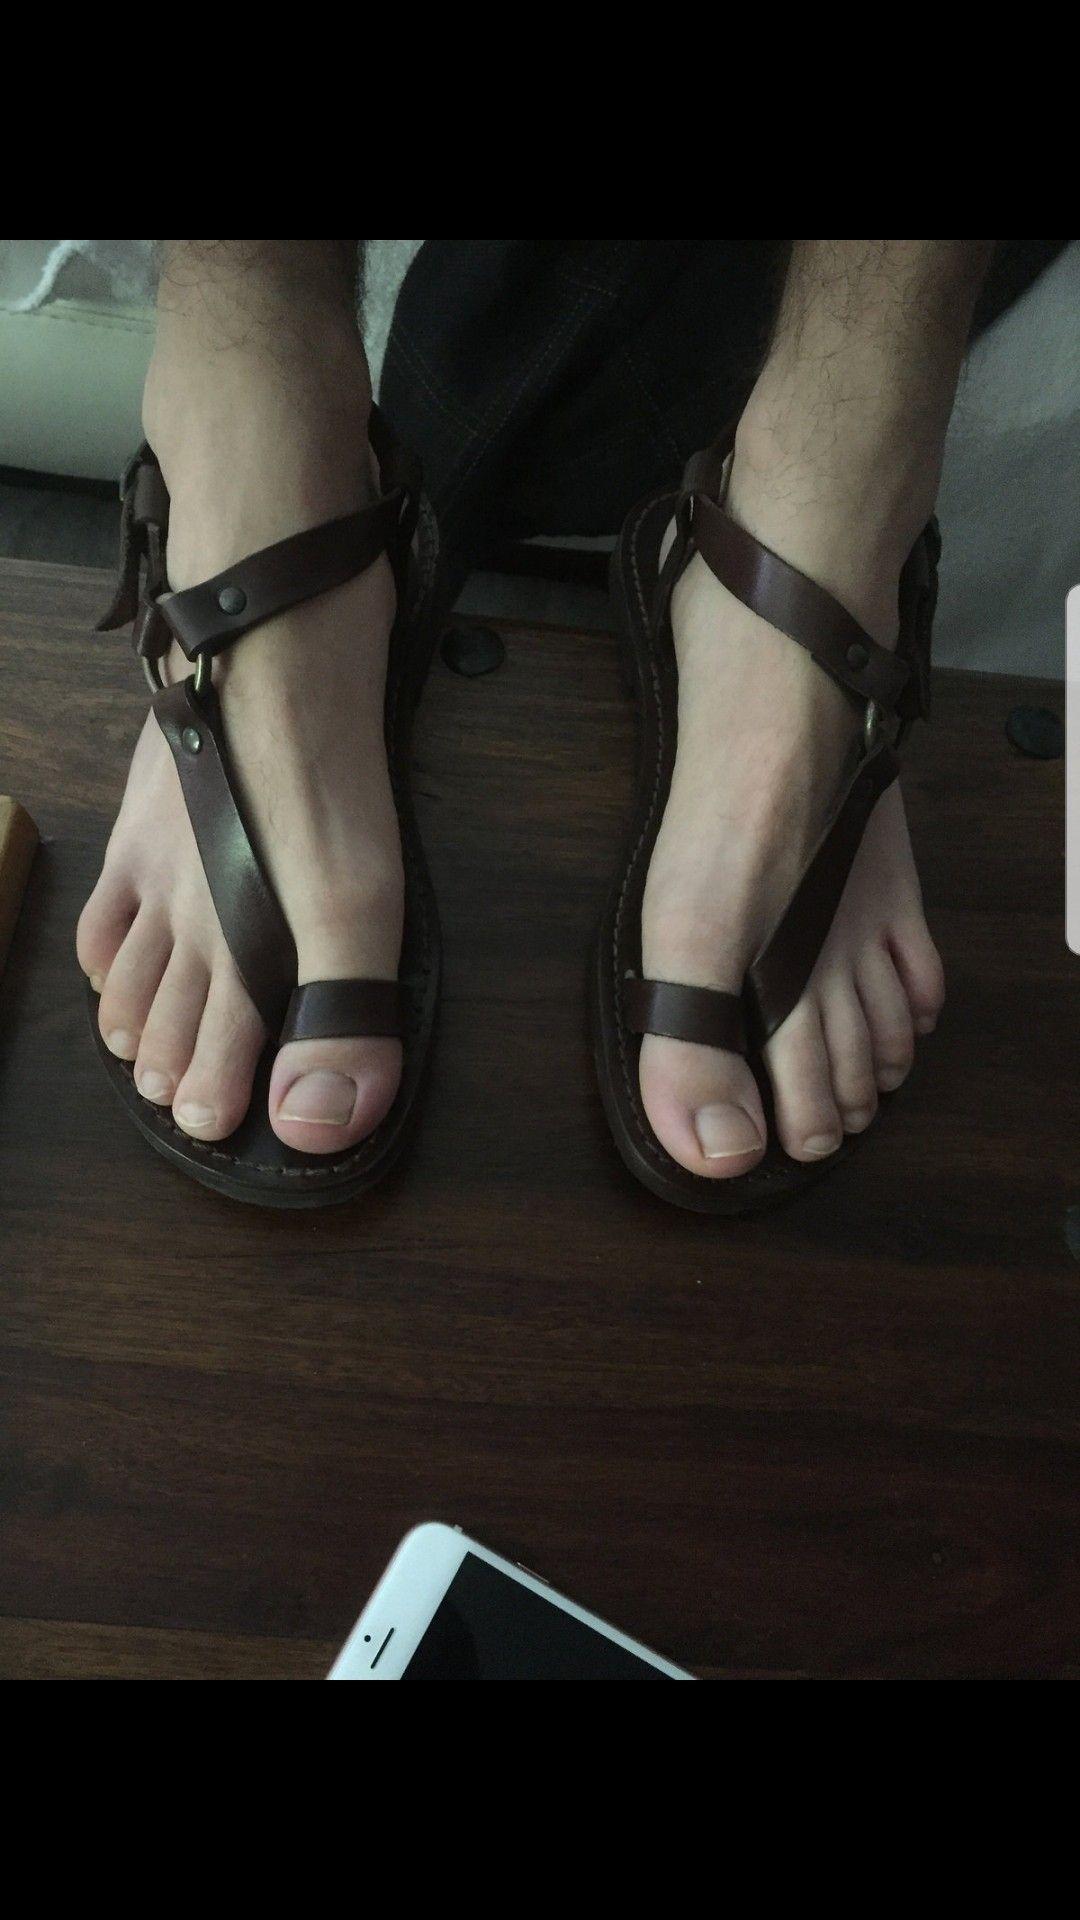 d69d9173f944 Dj sandals for MEN Gladiator Sandals